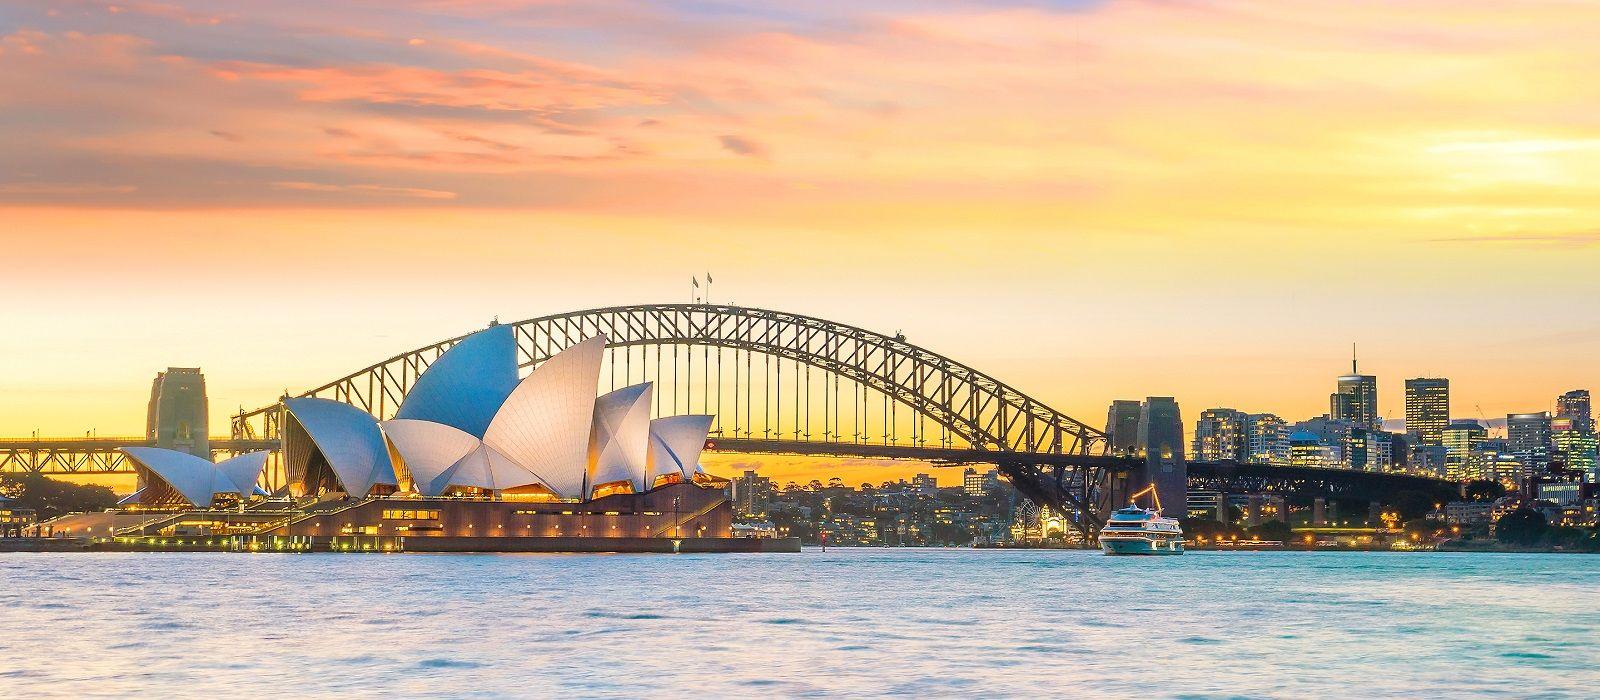 Australien Luxusreise: Natur, Kultur & paradiesische Inseln Urlaub 5